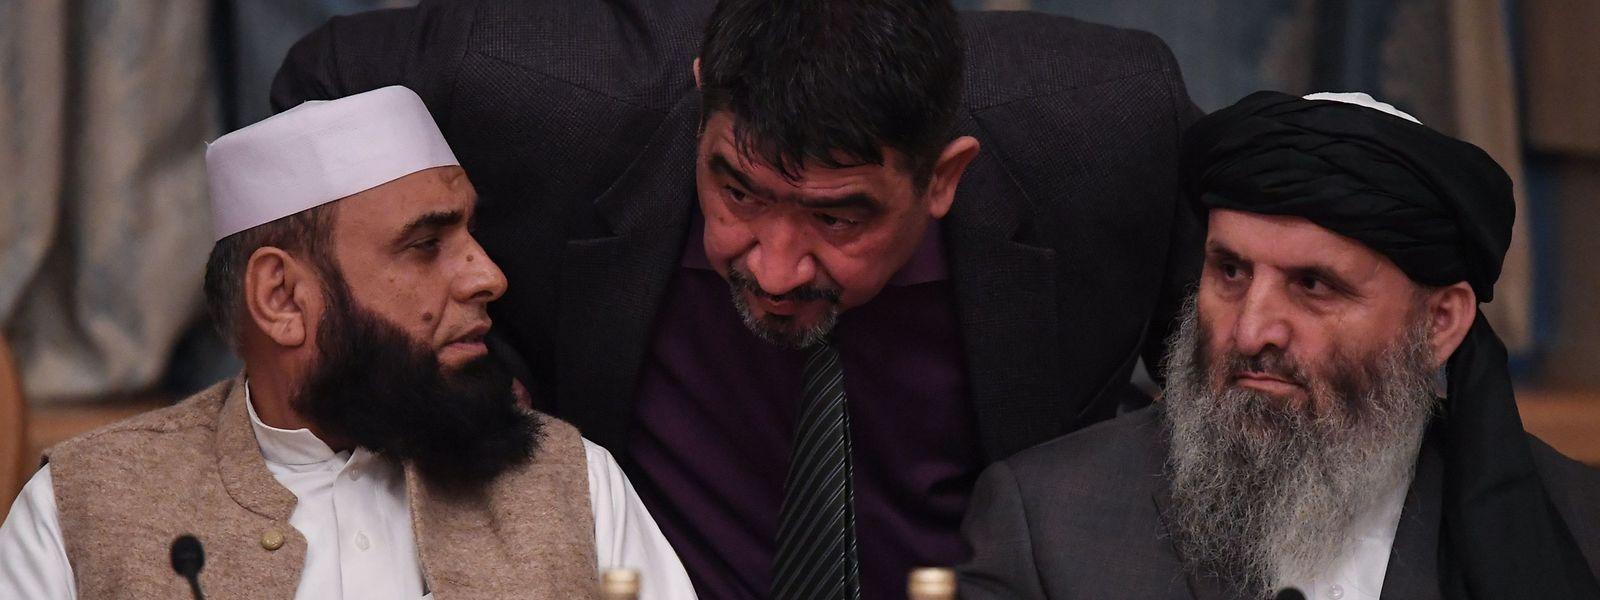 Vertreter der Taliban bei einem früheren Treffen.